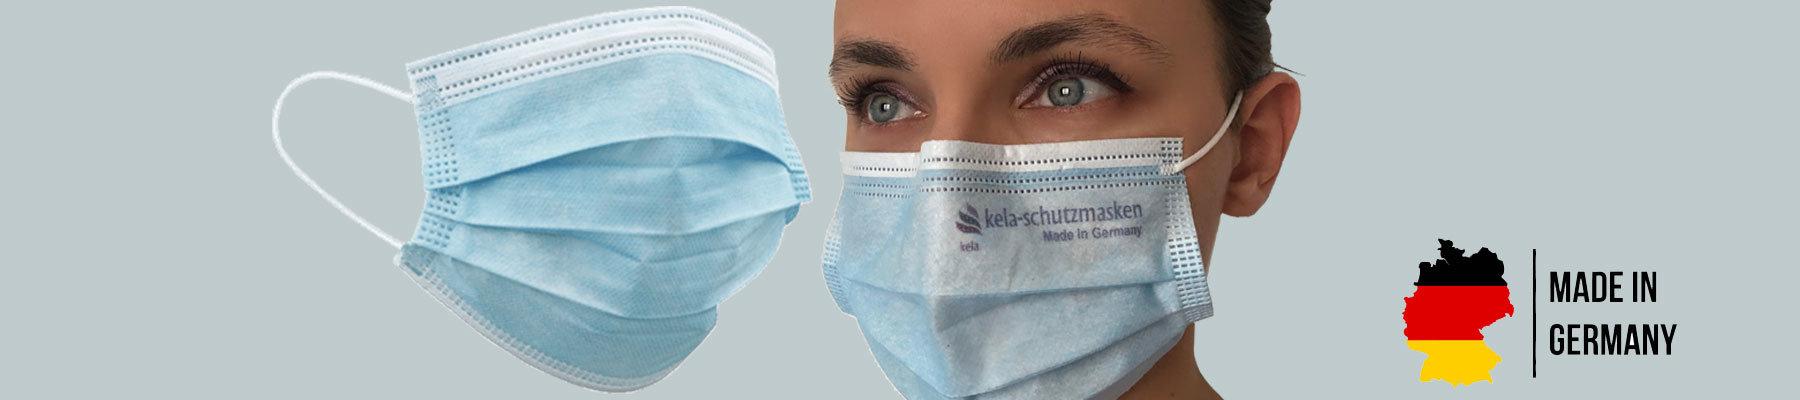 Slider-kela-schutzmasken